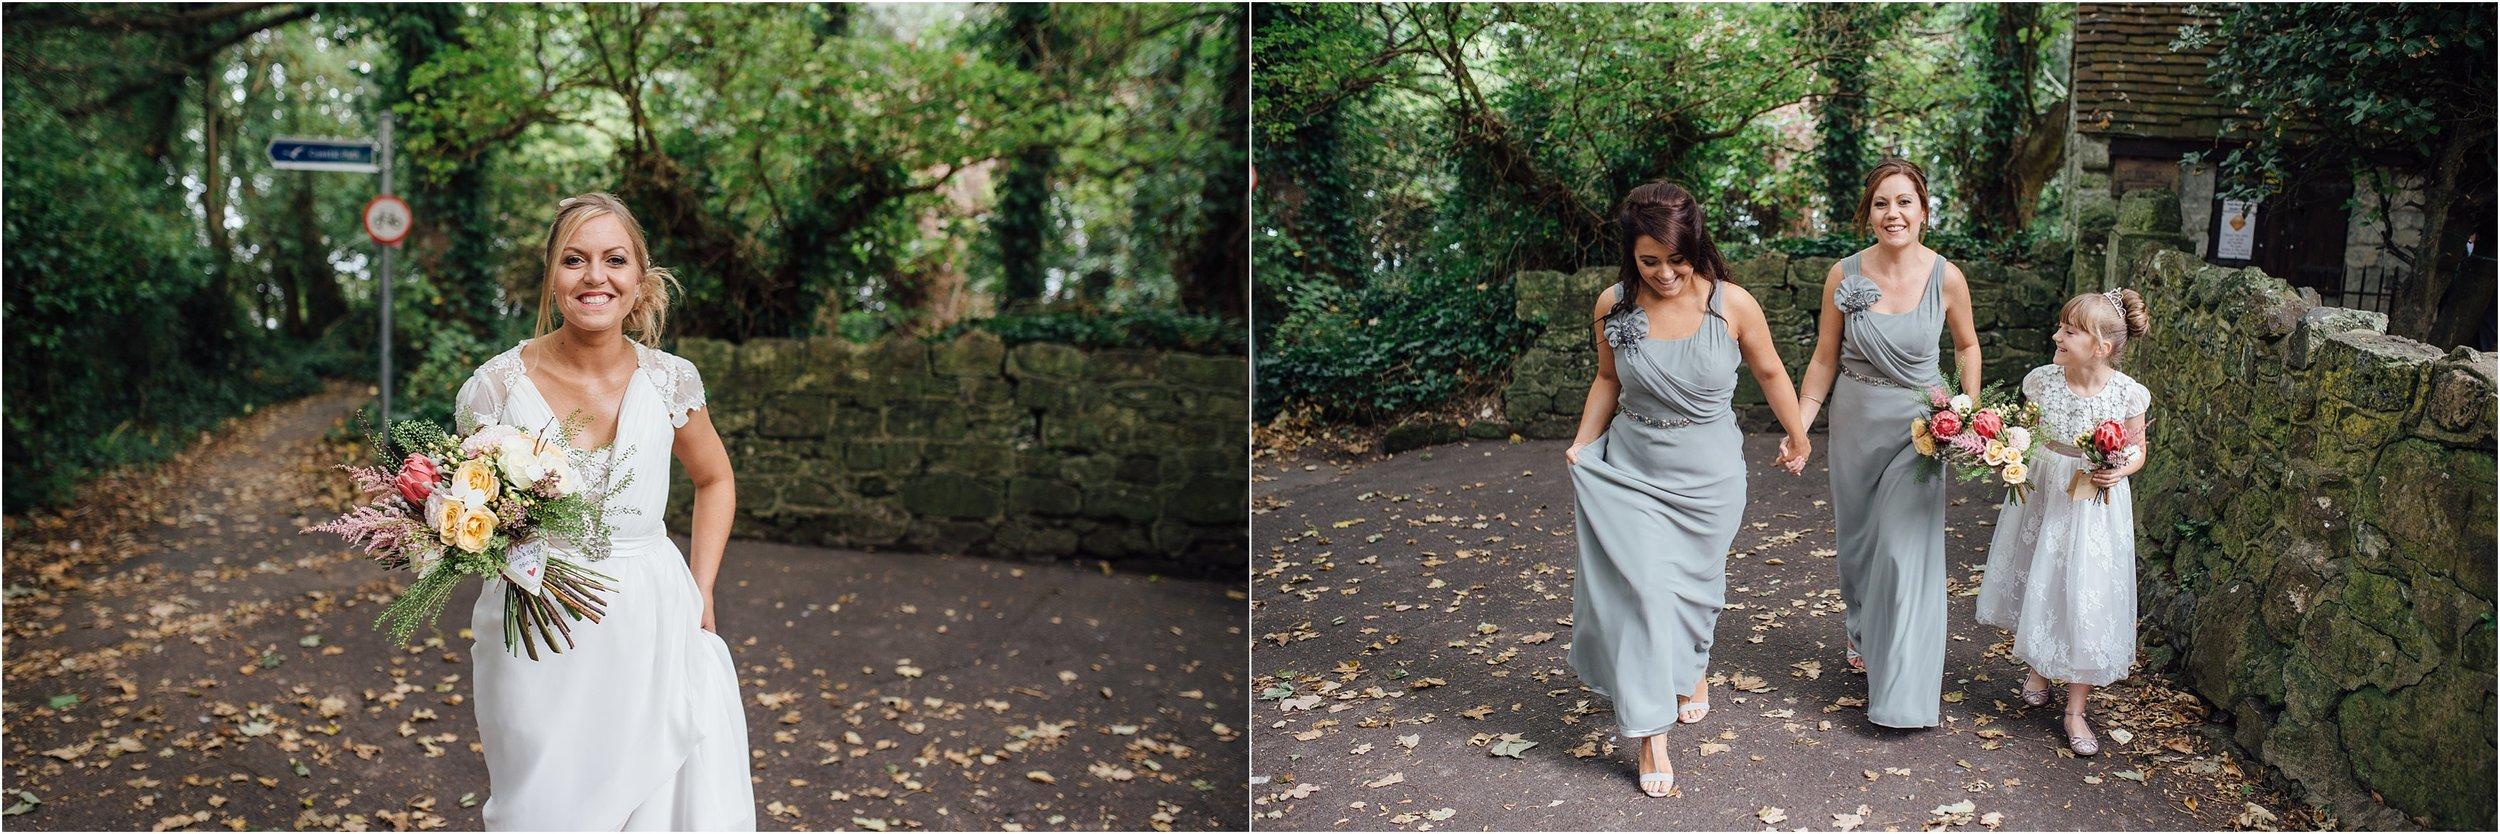 alternative UK wedding photographer_0039.jpg